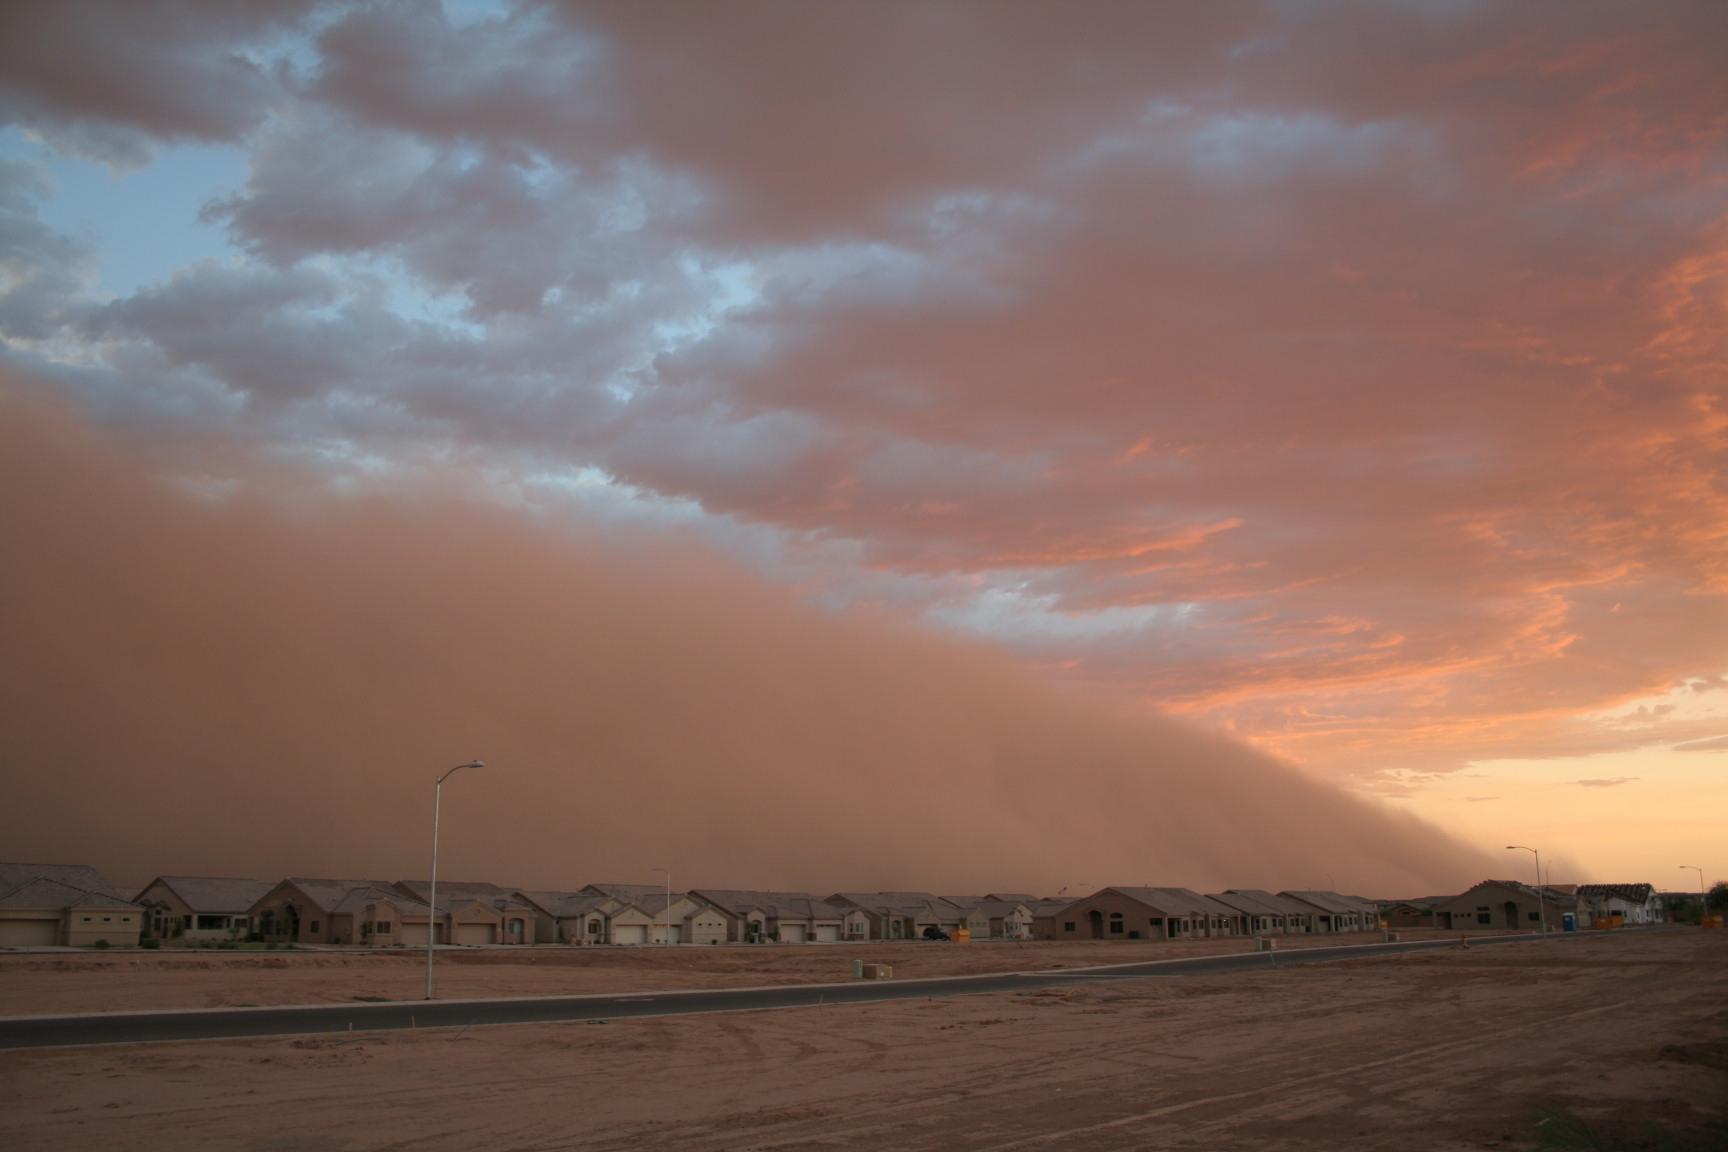 bigstock-Arizona-Dust-Storm-1929418